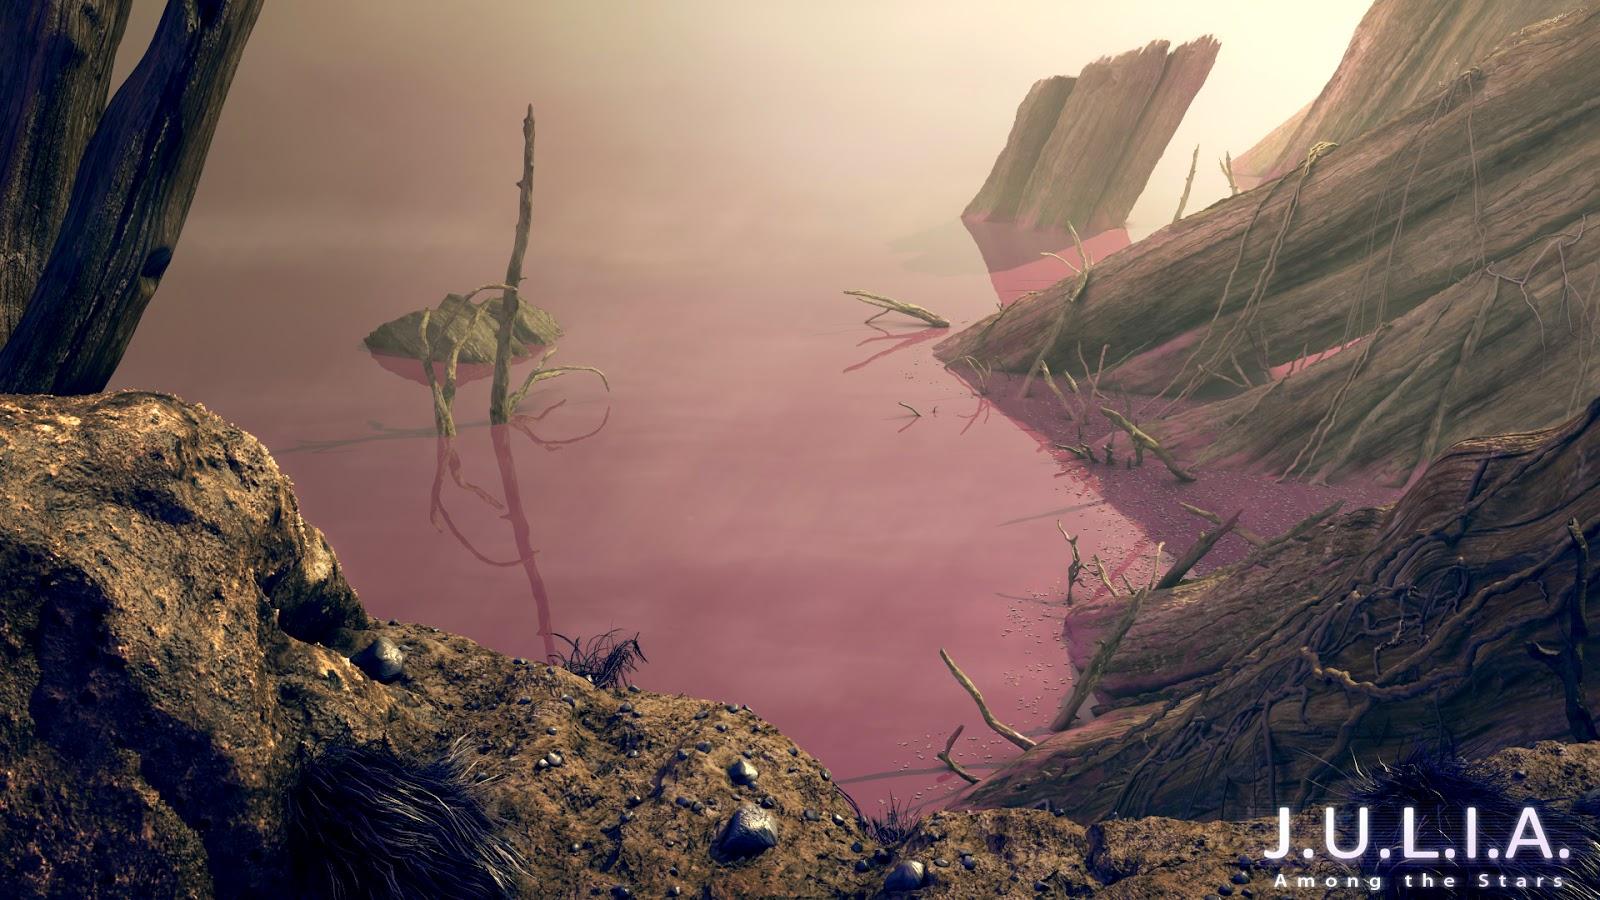 J.U.L.I.A. Among the Stars screenshots